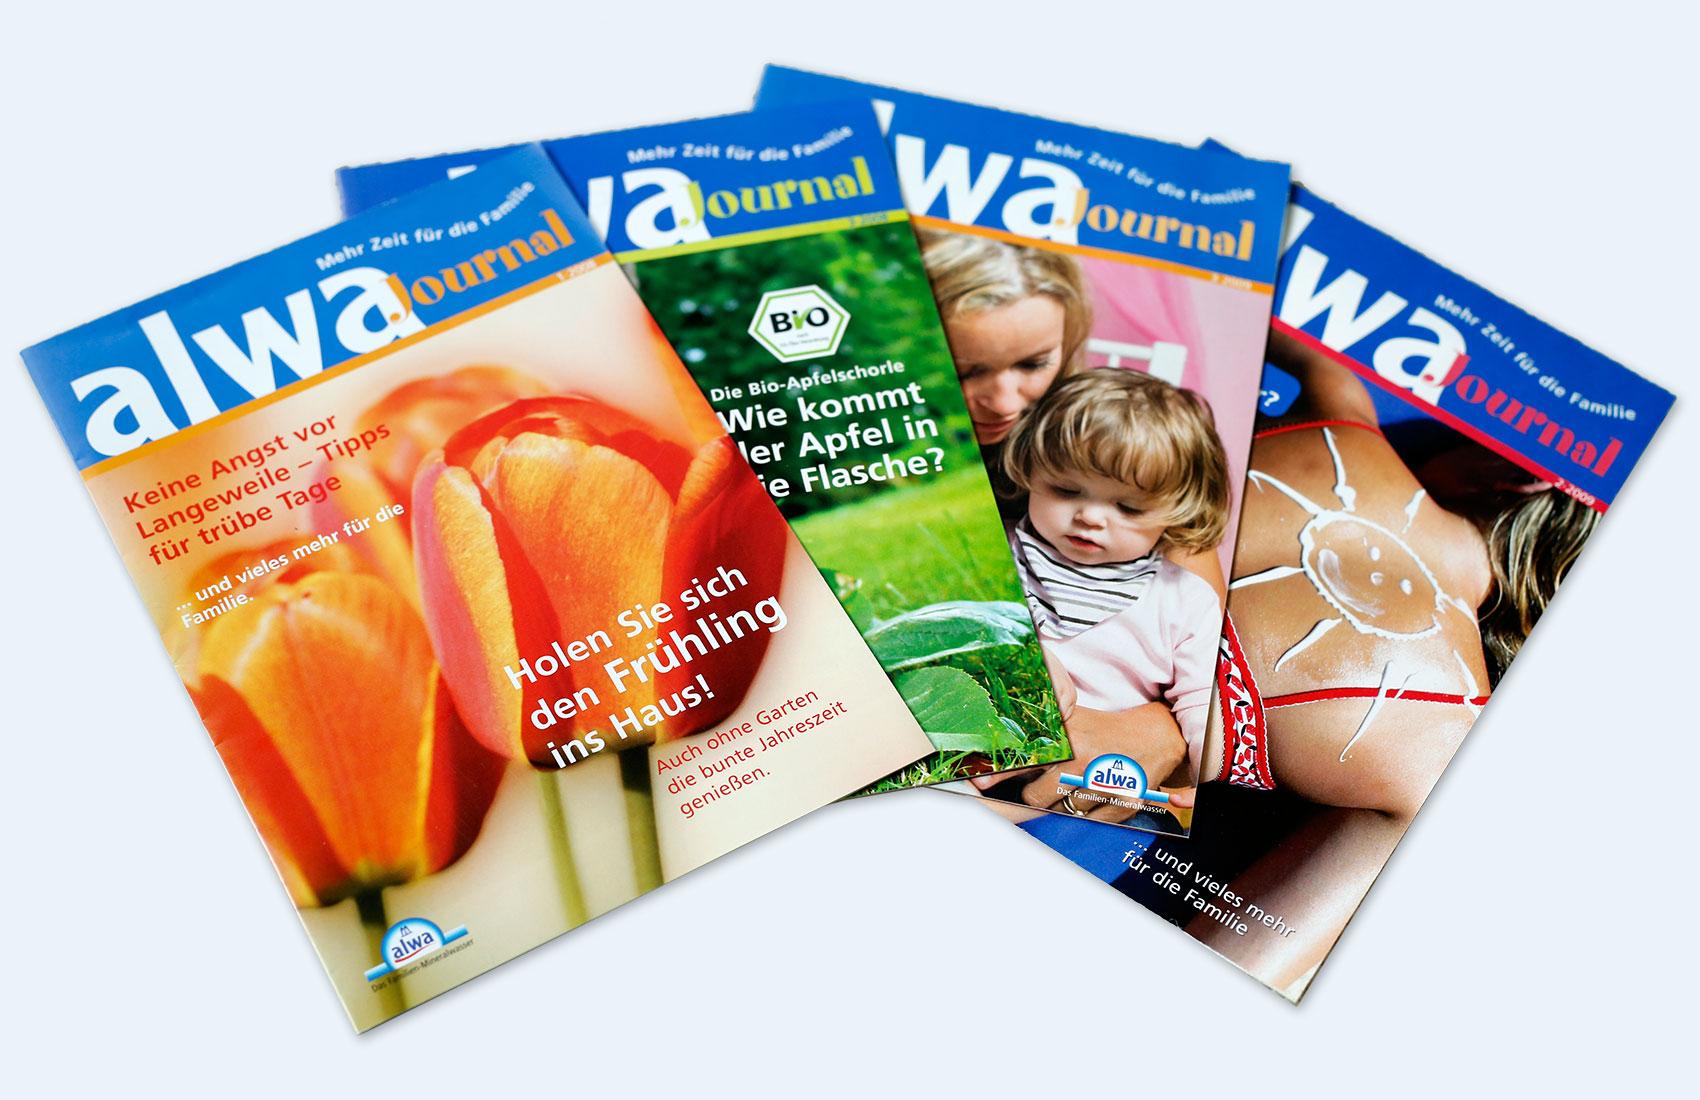 Titelseiten von 4 verschiedenen Ausgaben des alwa Journals